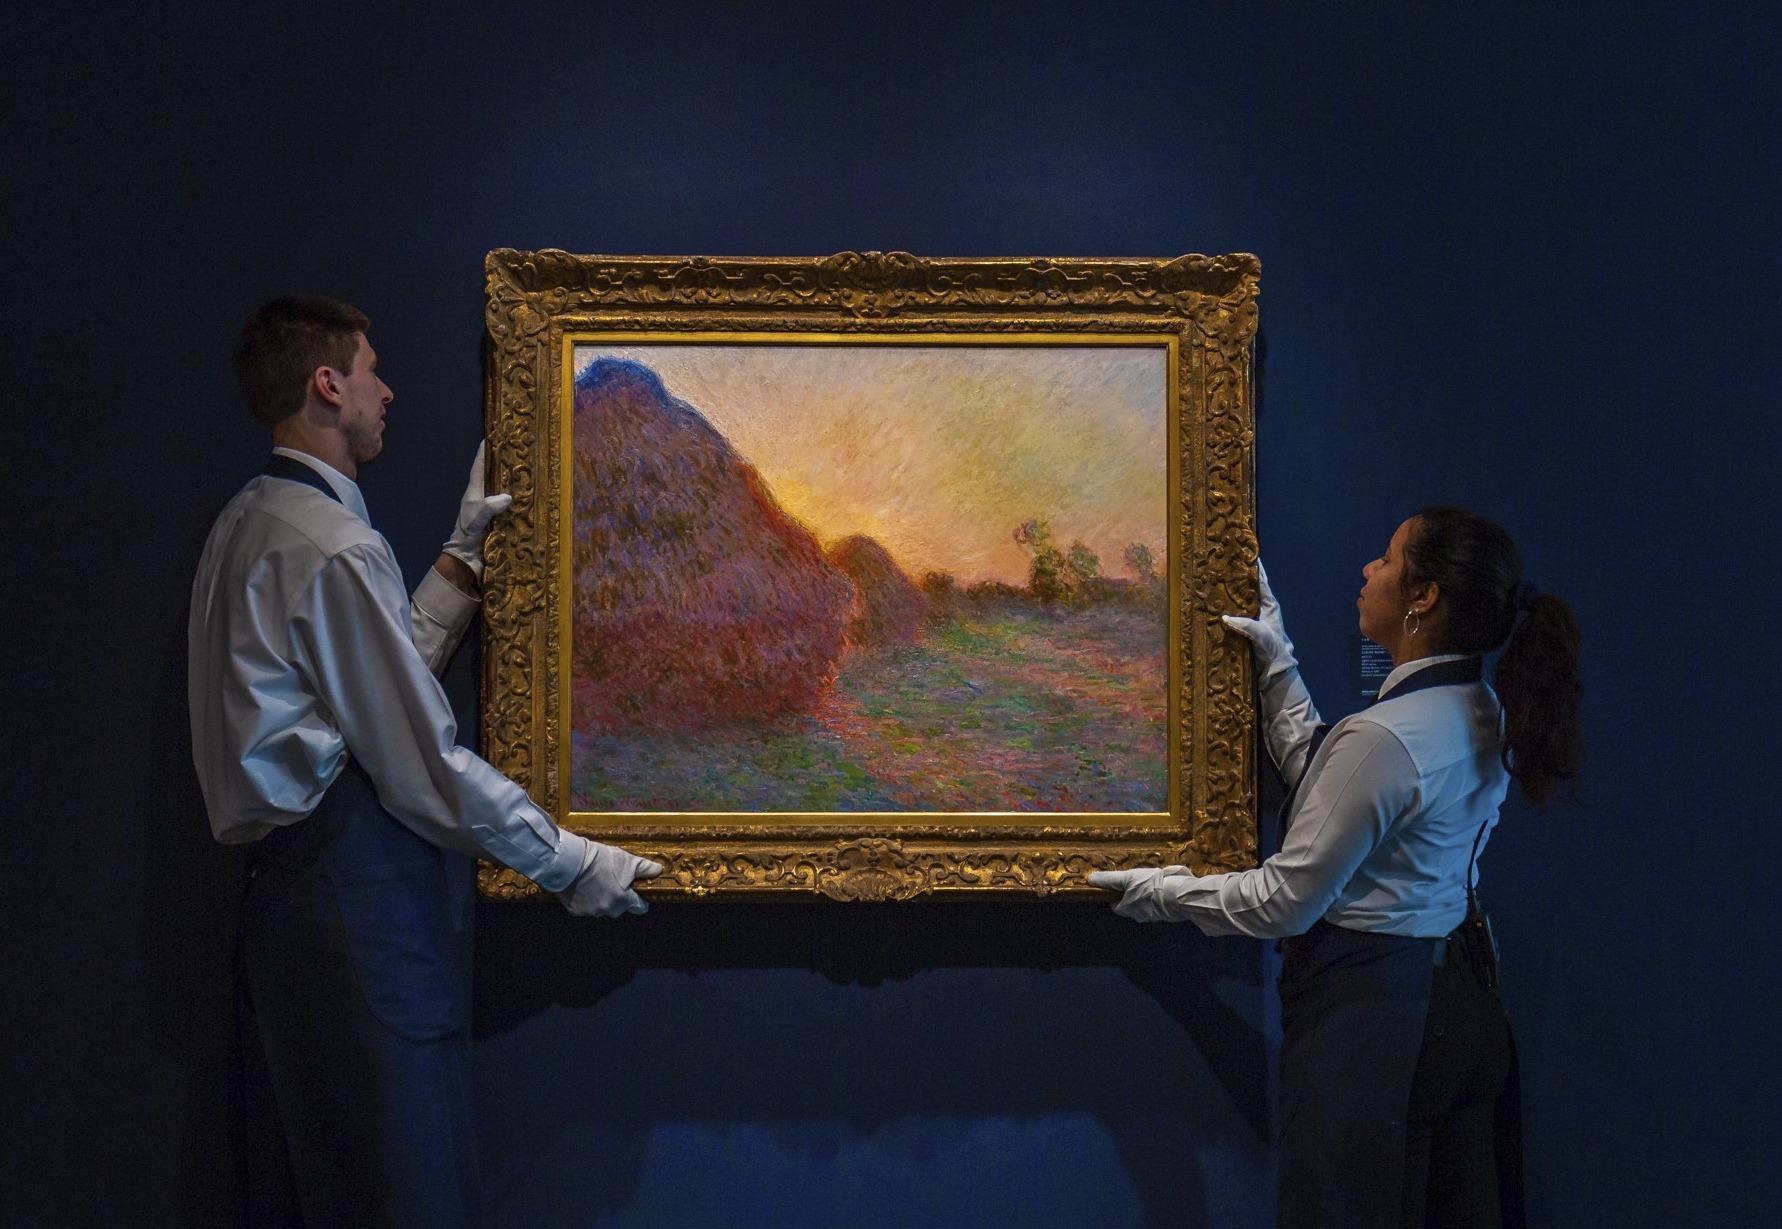 Cuadro de Monet recauda 110,7 millones en Nueva York